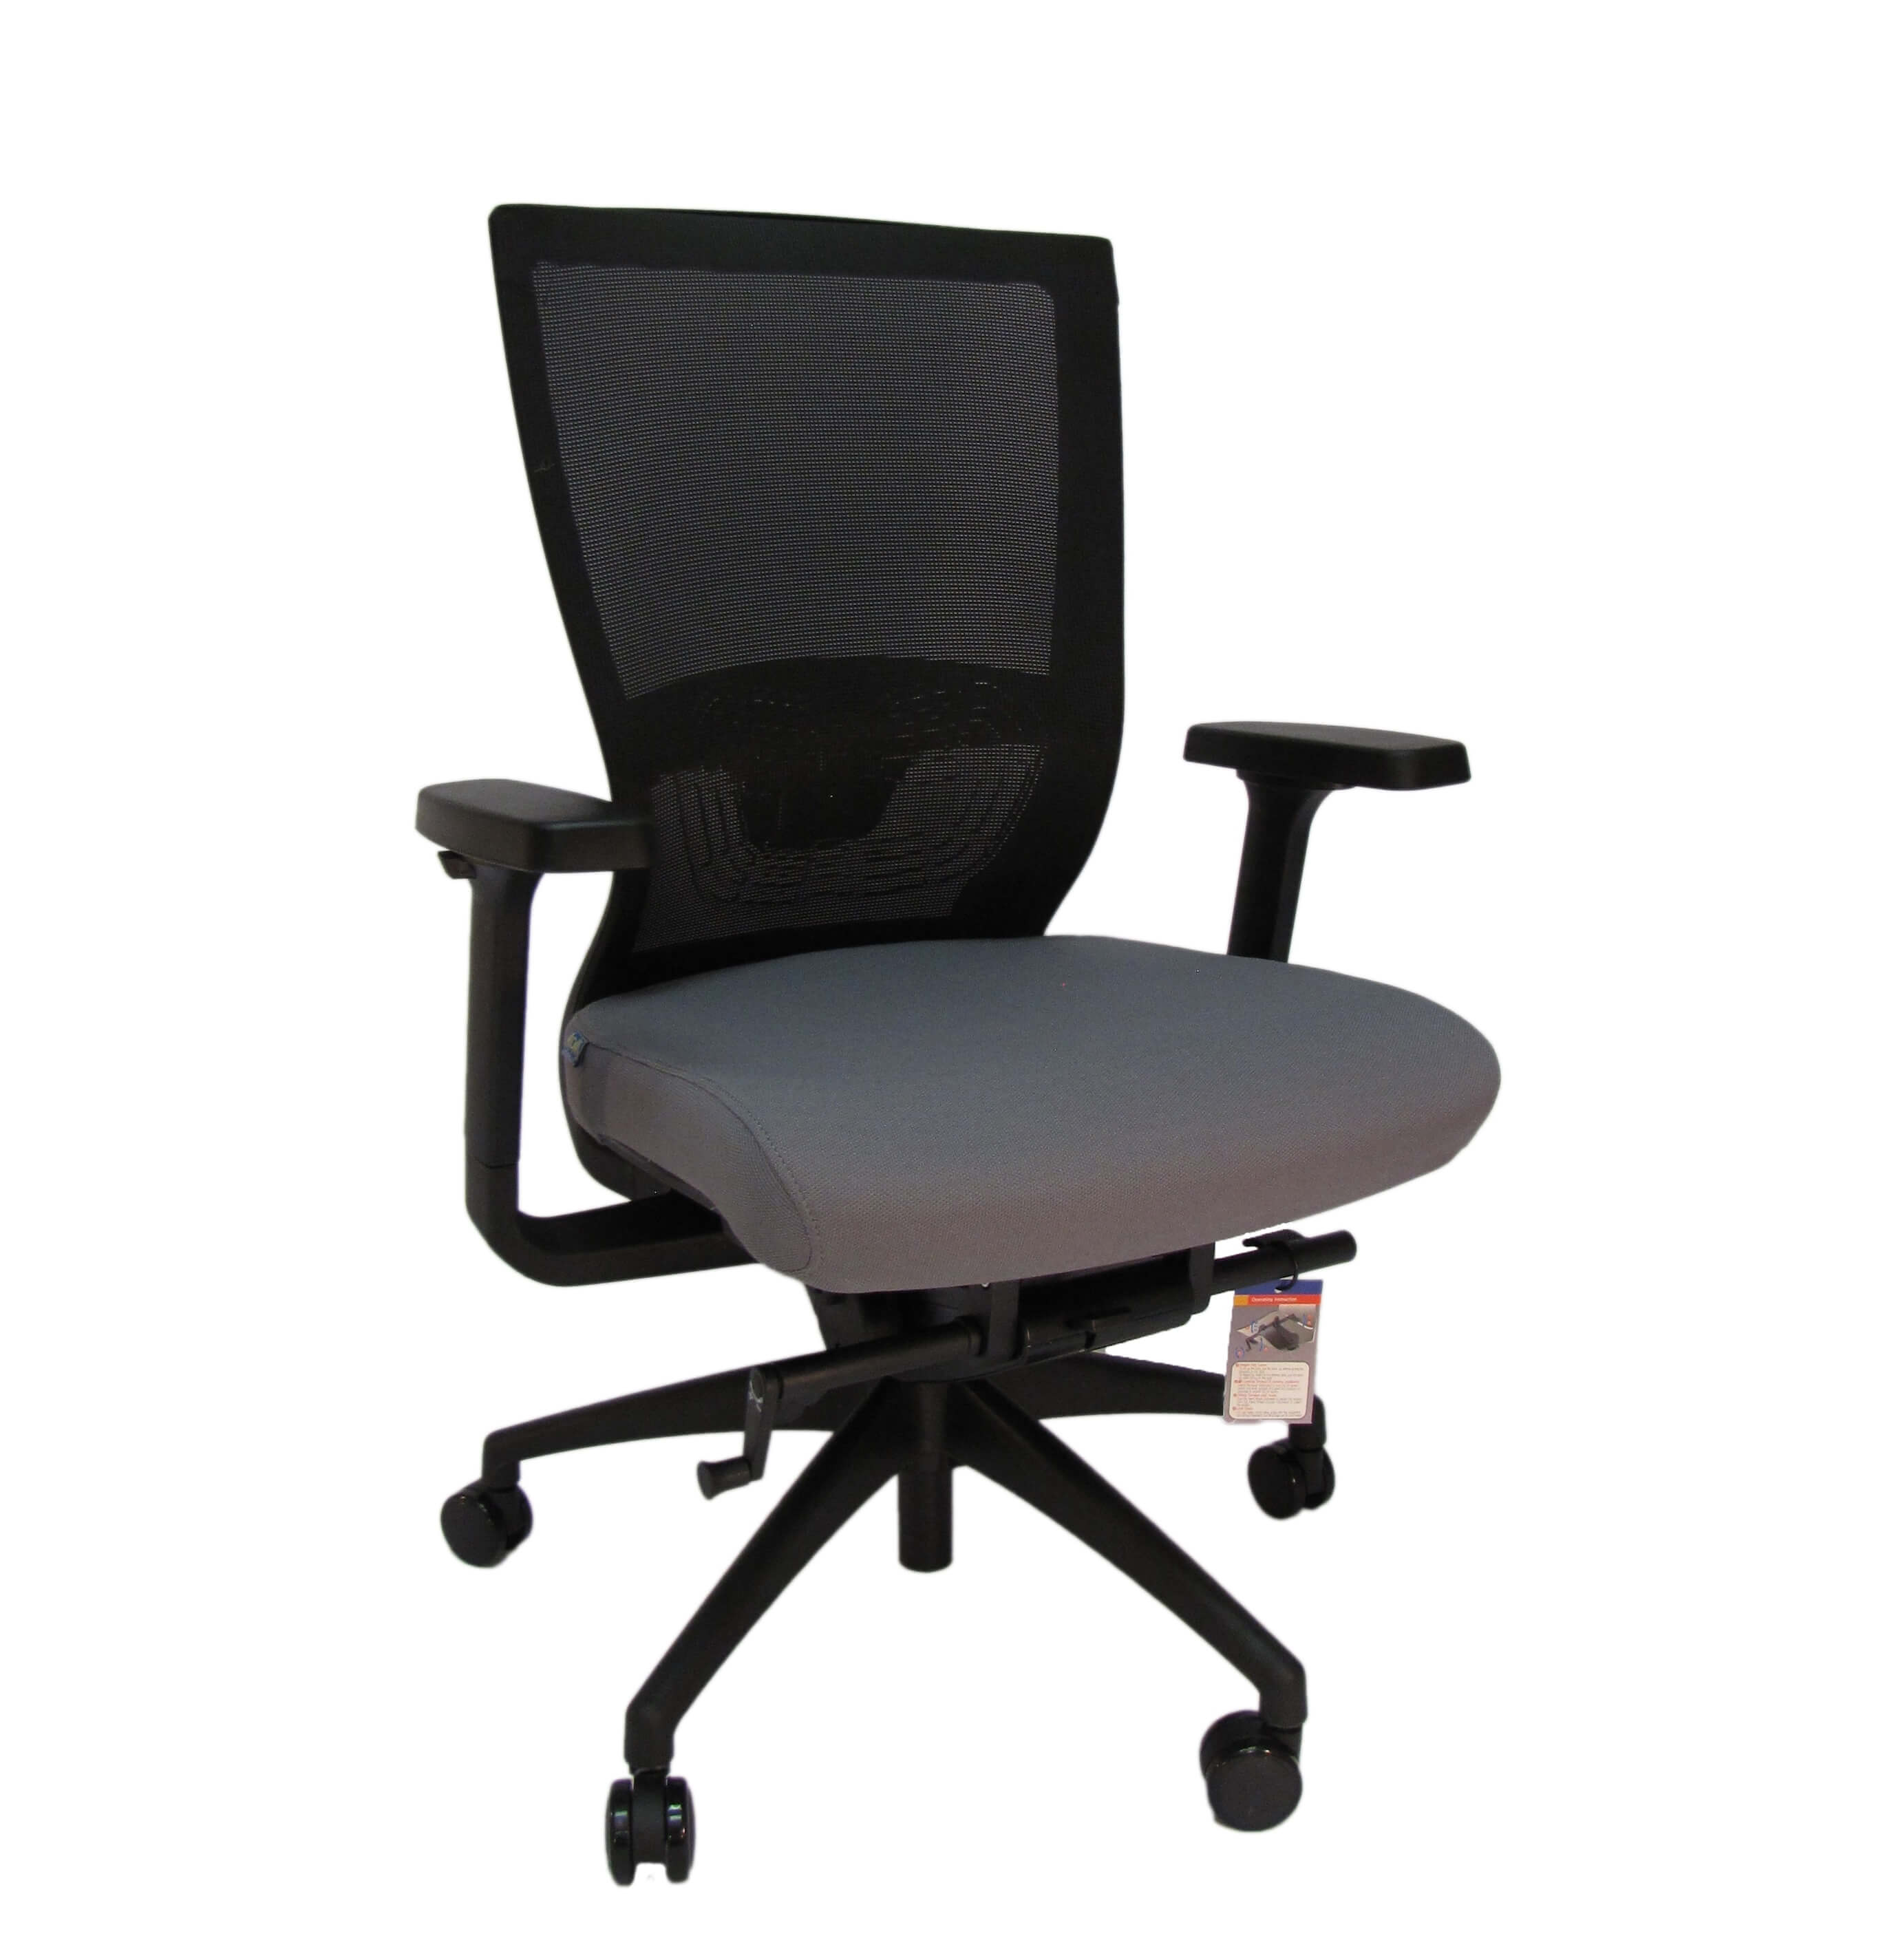 Ergonominė kėdė Arholma su nuimamu sėdynės užvalkalu bei patogiu tinklelio atlošu.